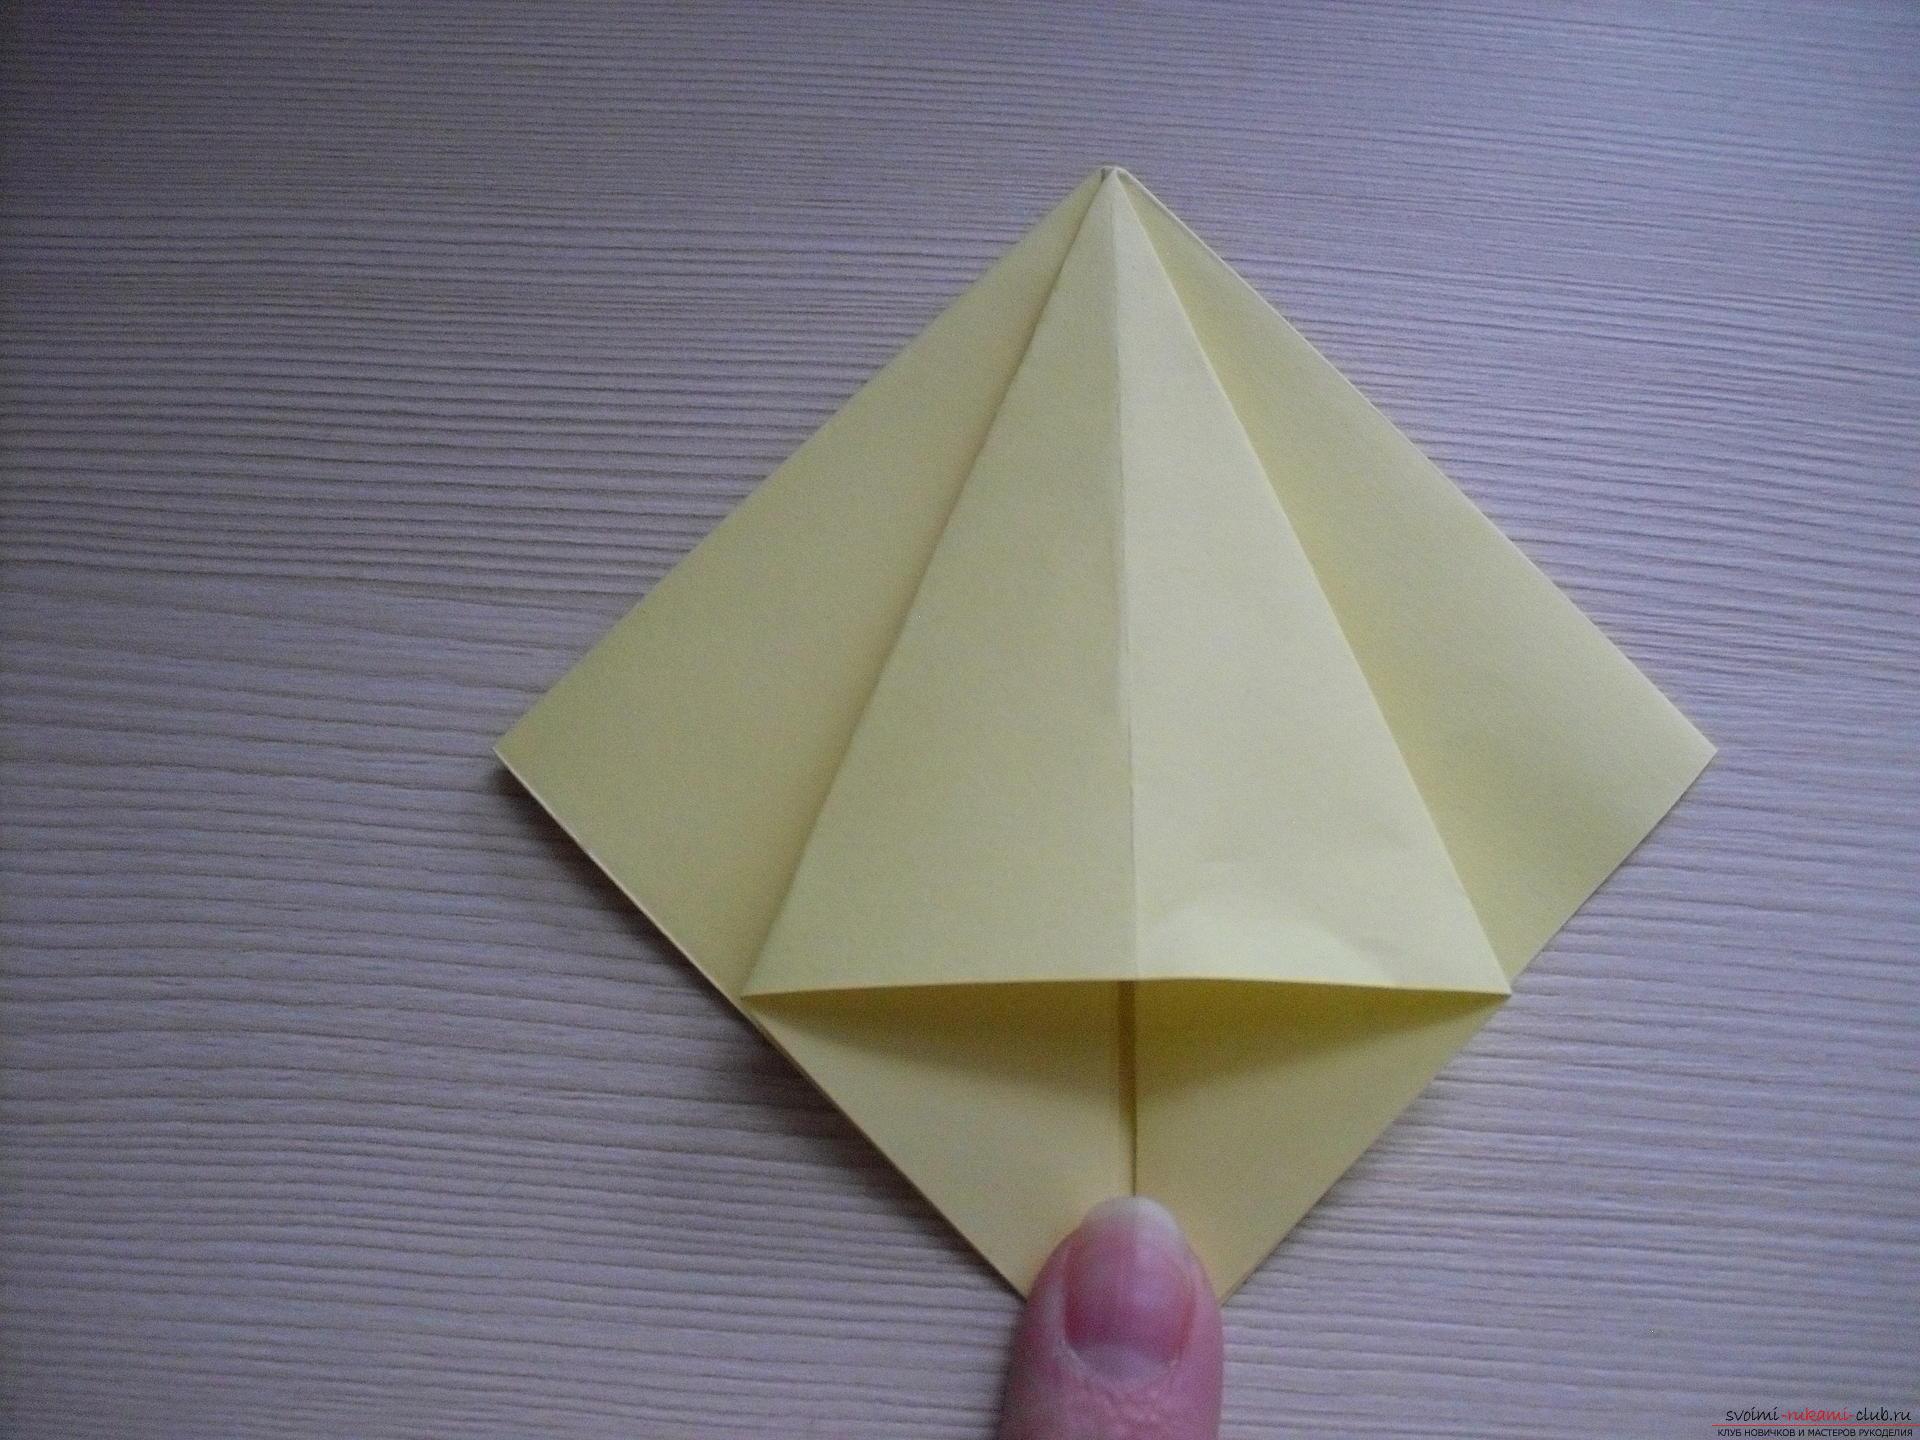 Этот пошаговый мастер-класс с инструкцией модульного оригами научит как сделать корзинку с лилиями.. Фото №28